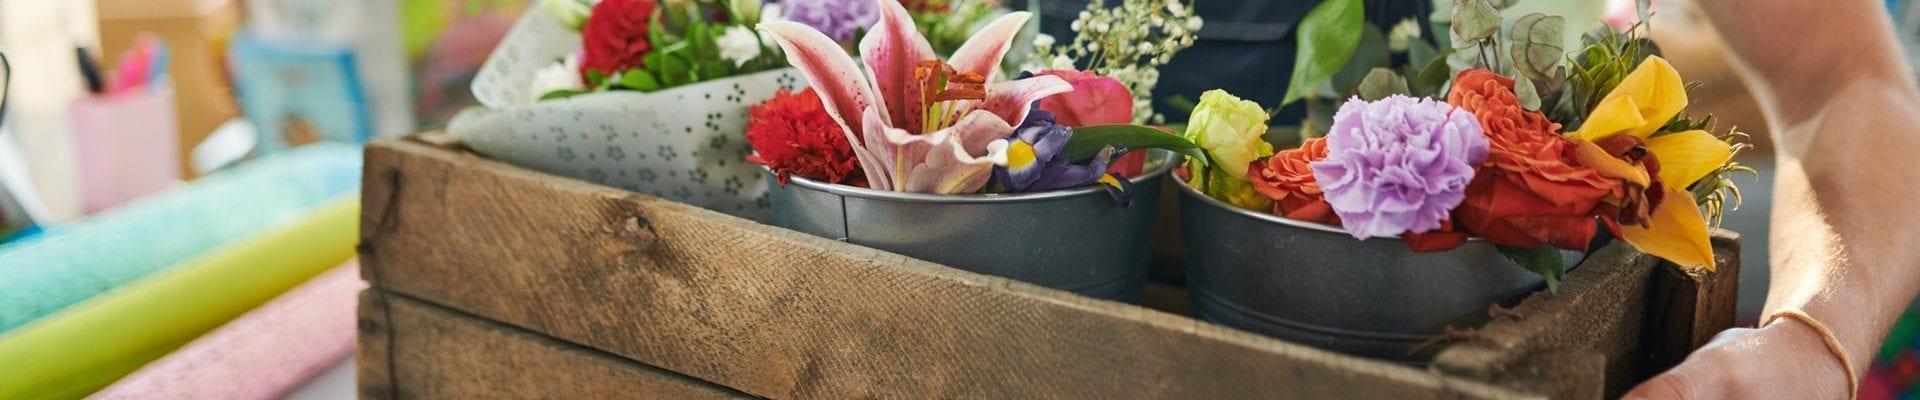 Skicka blommor i Skåne